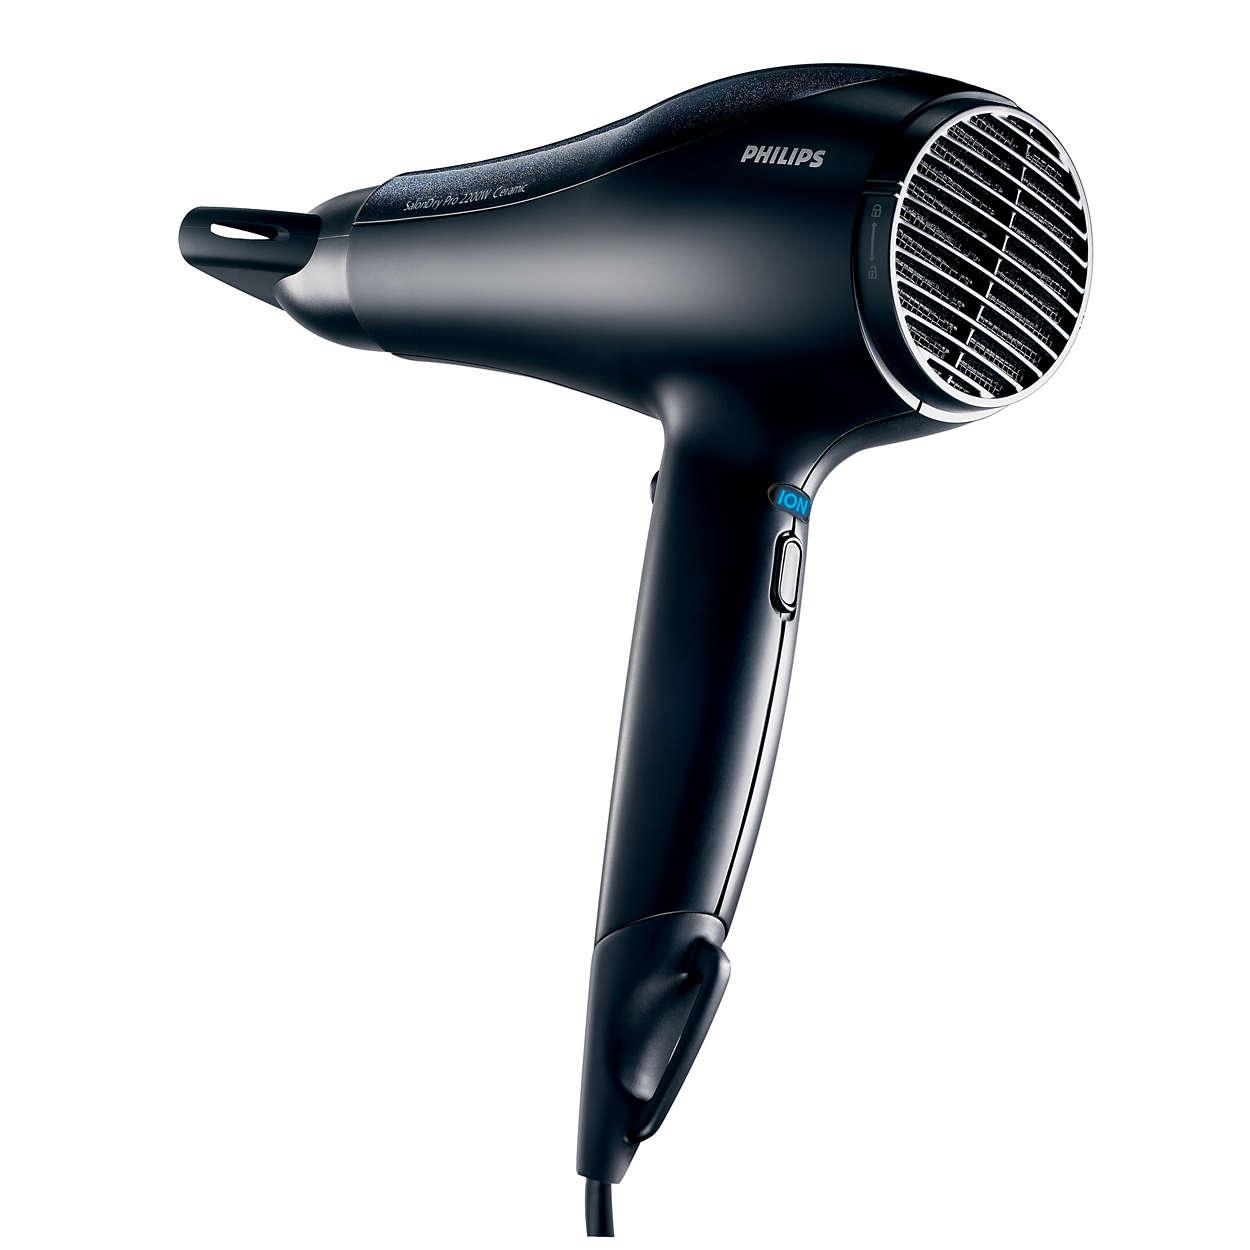 髮型師會選用的家用電風筒